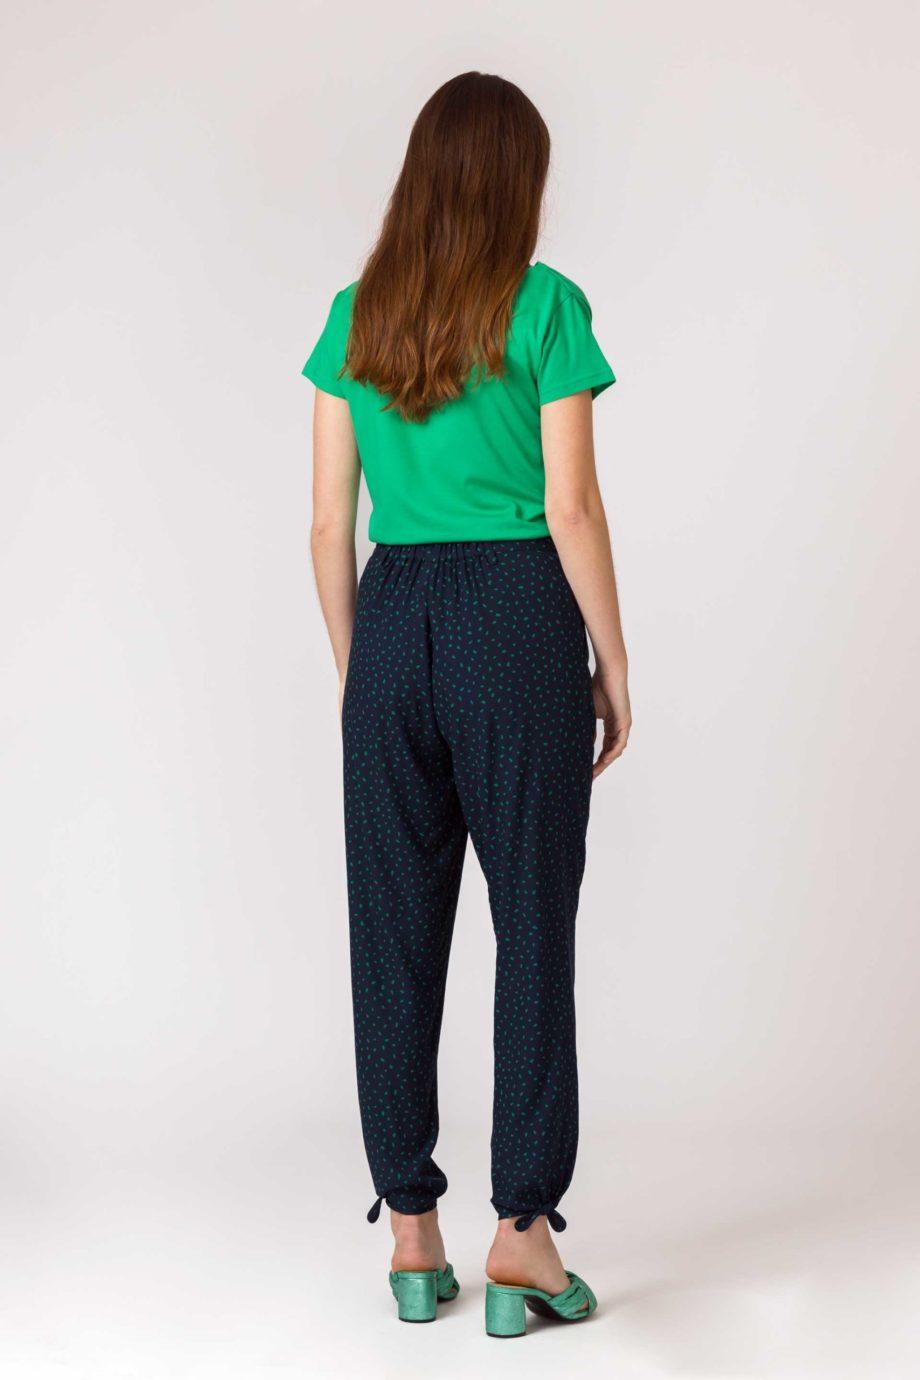 Frau trägt Shirt von SKFK (BAT) aus Biobaumwolle mit kurzen Ärmeln und Wasserfall-Ausschnitt. GOTS und Fairtrade zertifiziert. / Grün / Rückenansicht / pussyGALORE / Leipzig